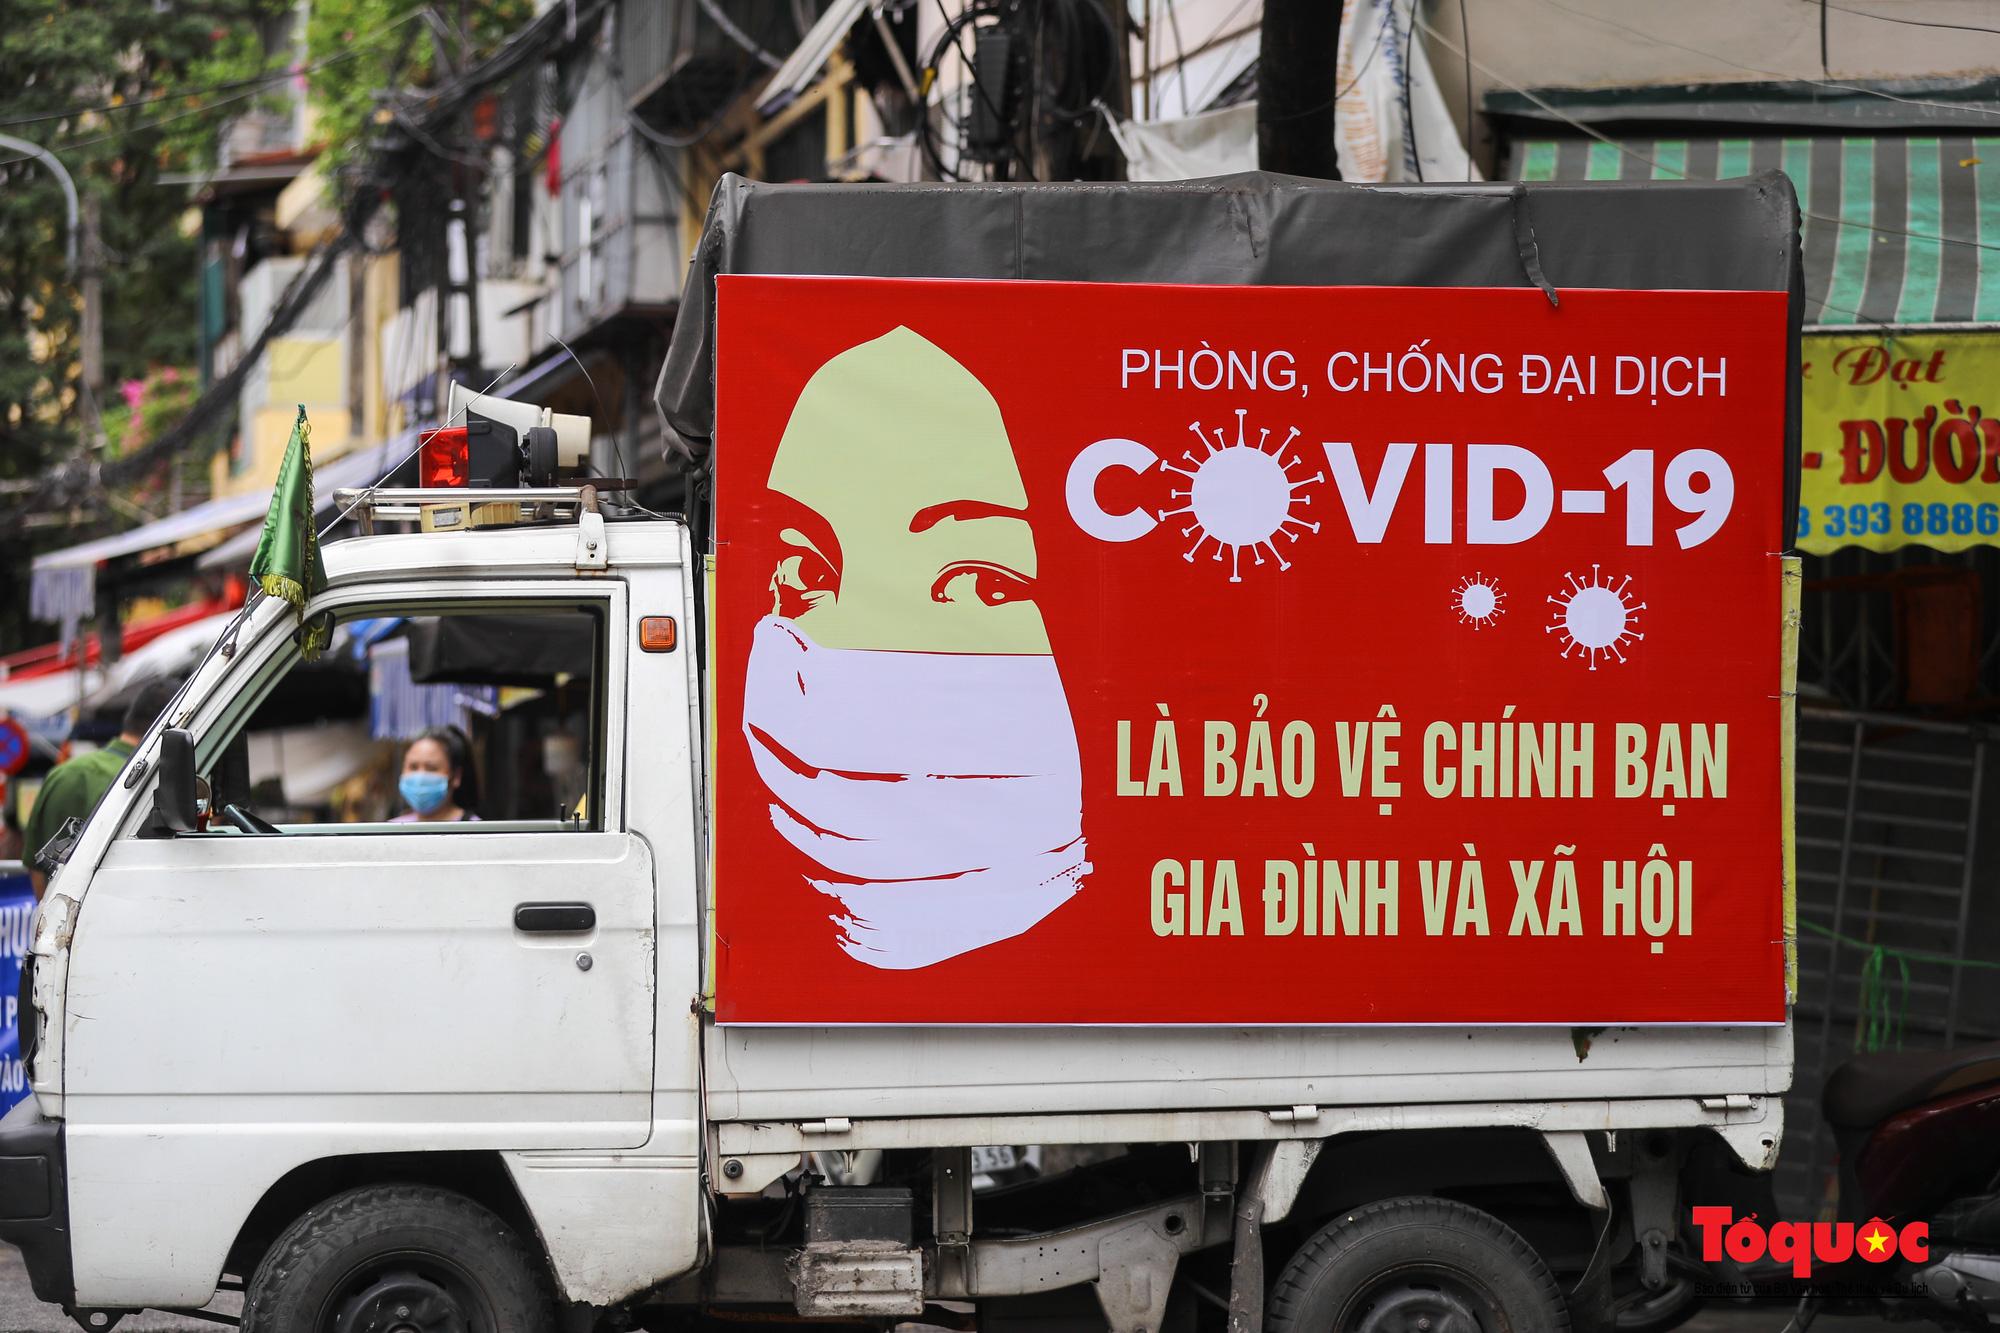 Pano, hình ảnh cổ động phòng chống dịch COVID-19 trên khắp đường phố Hà Nội - Ảnh 12.